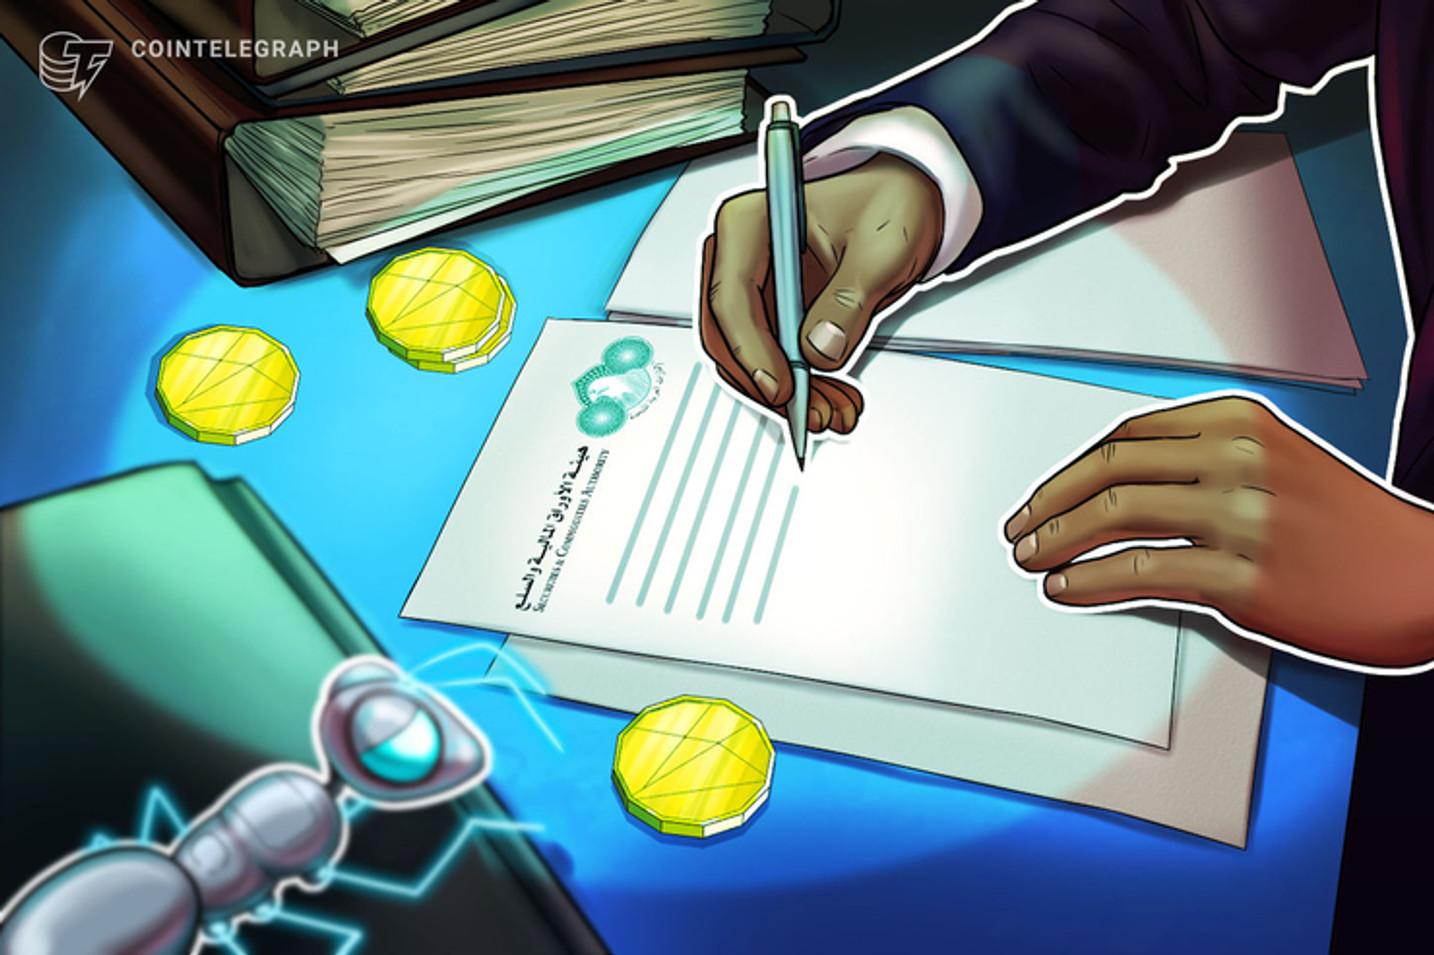 한국블록체인협회, 정부에 특금법 개정안 의견서 제출